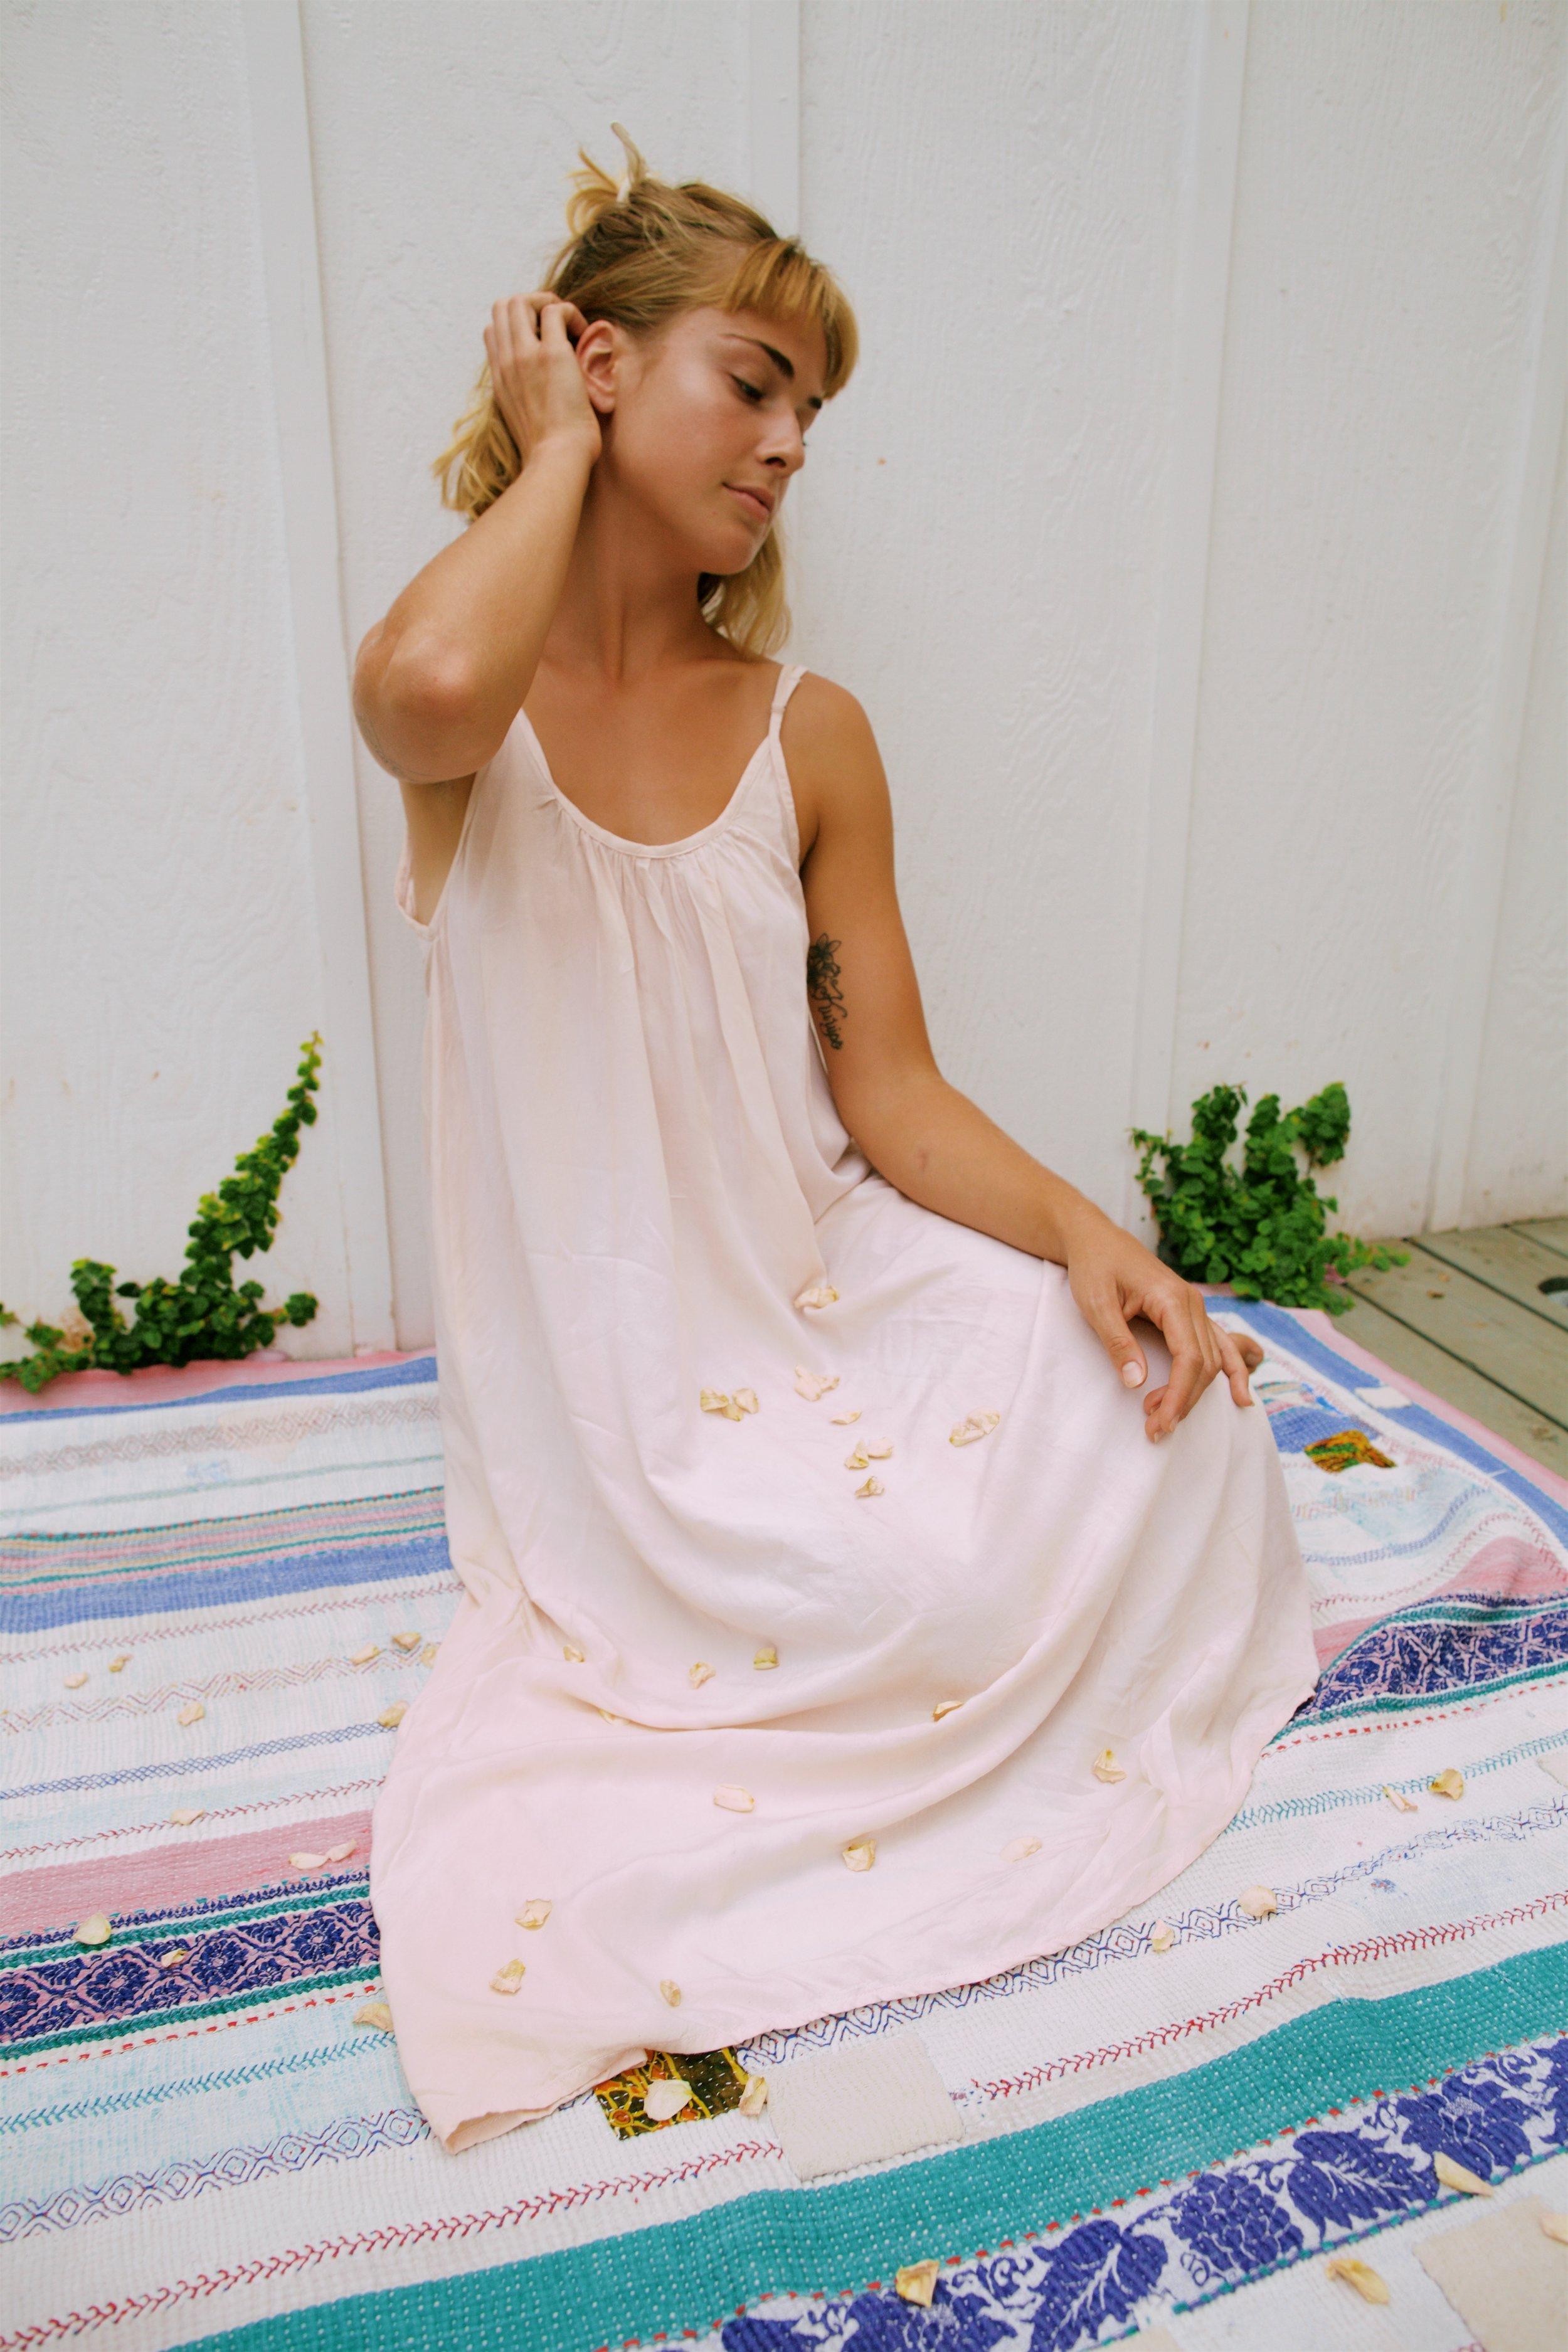 moonflower 167.jpg